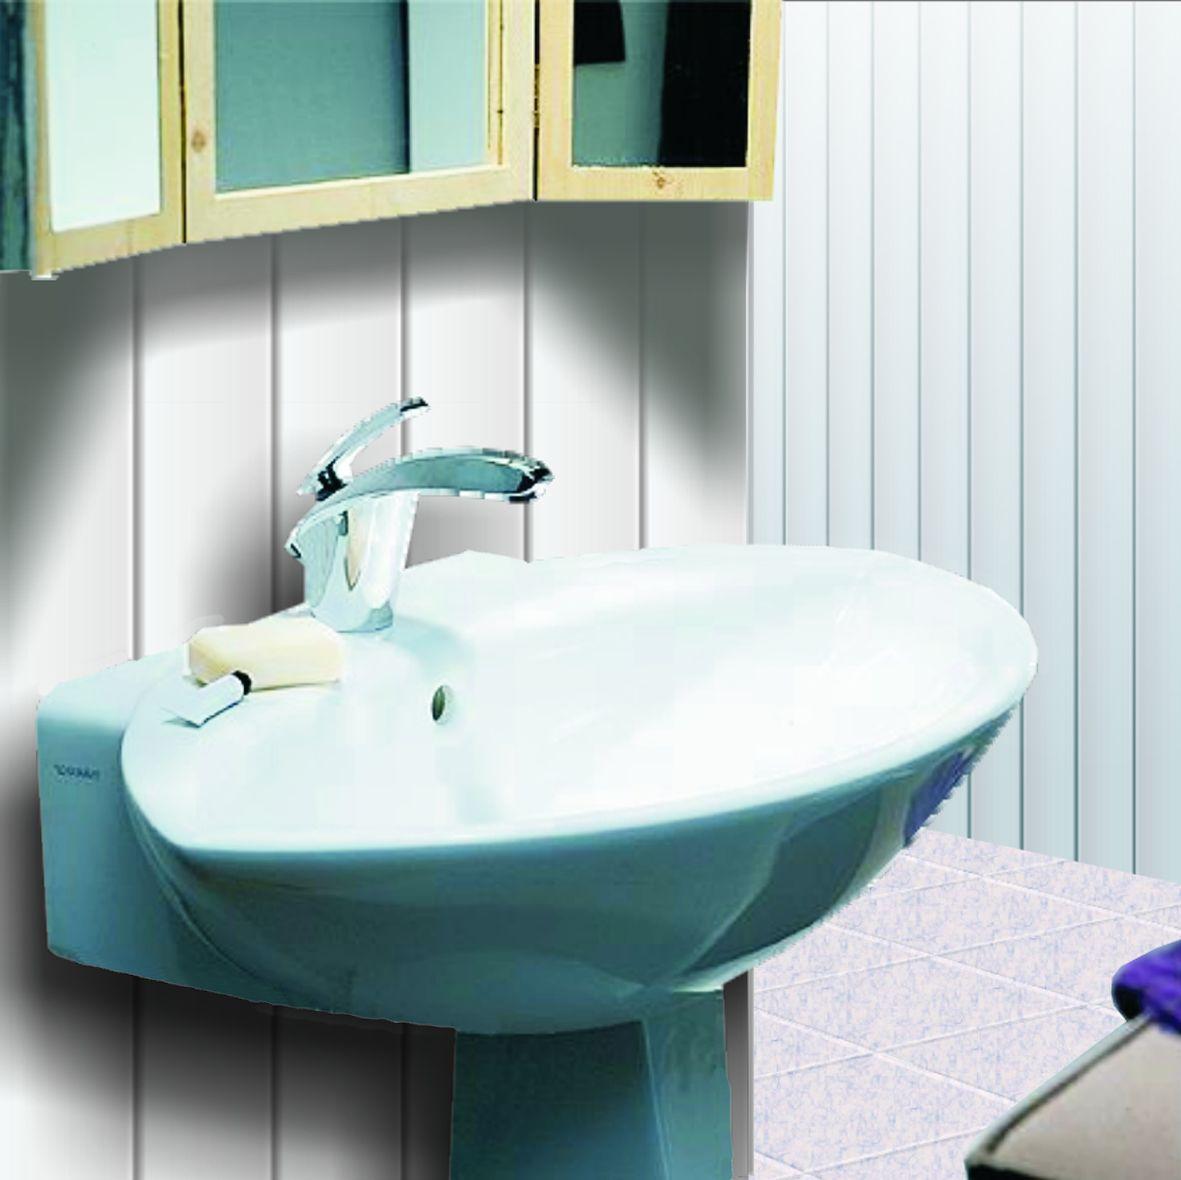 pvc profile nut und feder kunststoff wei 10 st ck 10 cm x 300 cm ebay. Black Bedroom Furniture Sets. Home Design Ideas